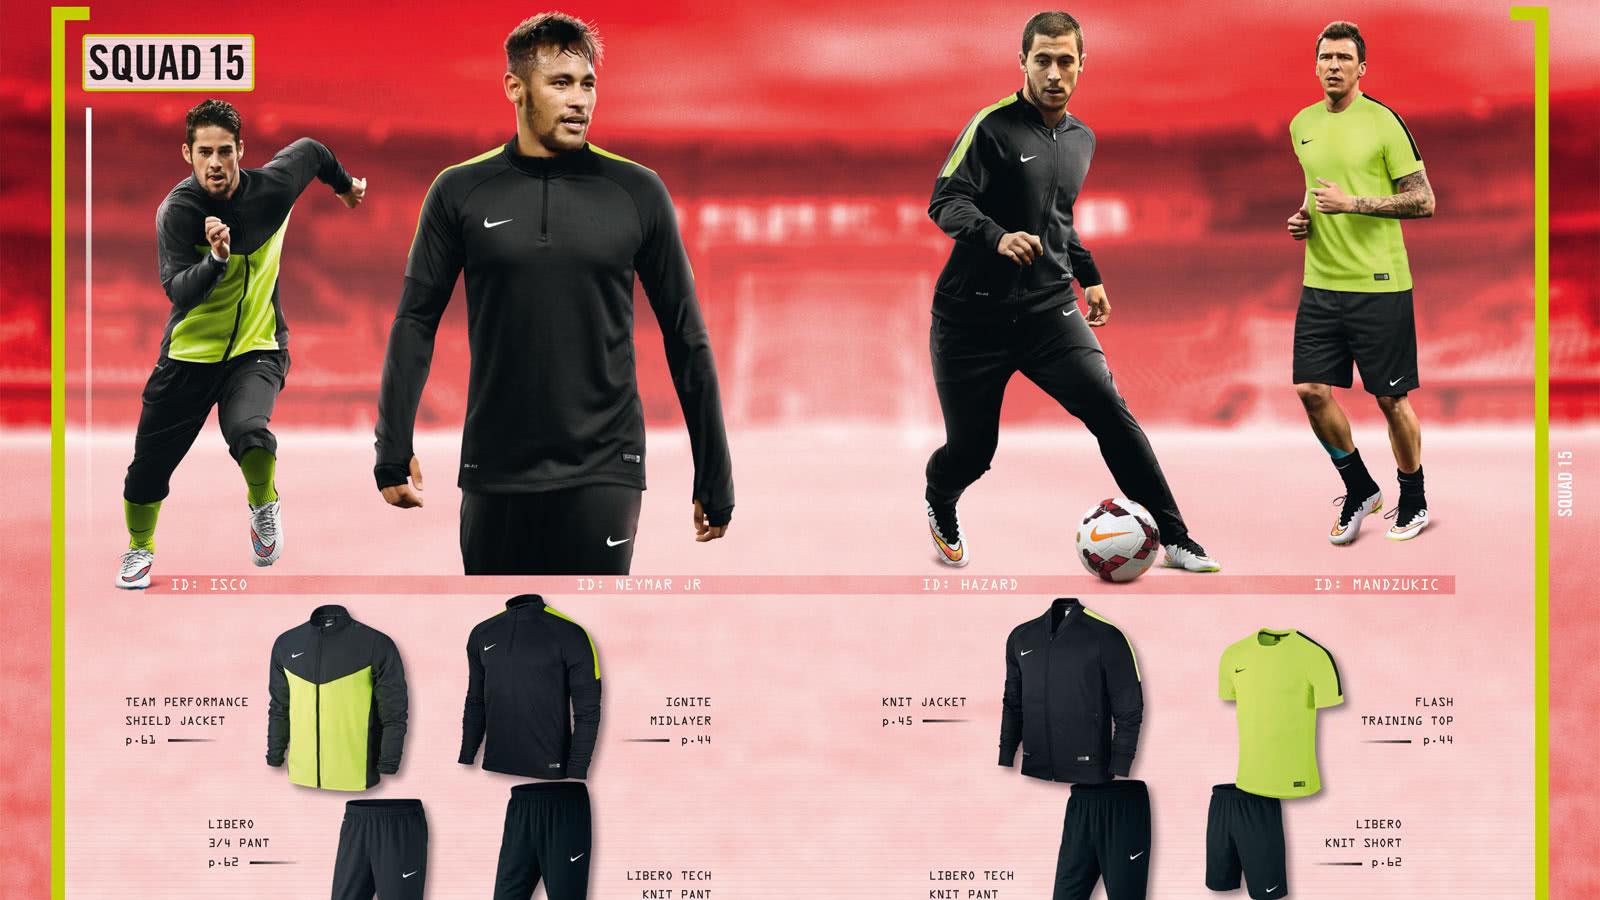 Im Nike Football 2015-2016 Katalog gibt es die Nike Squad 15 Teamline